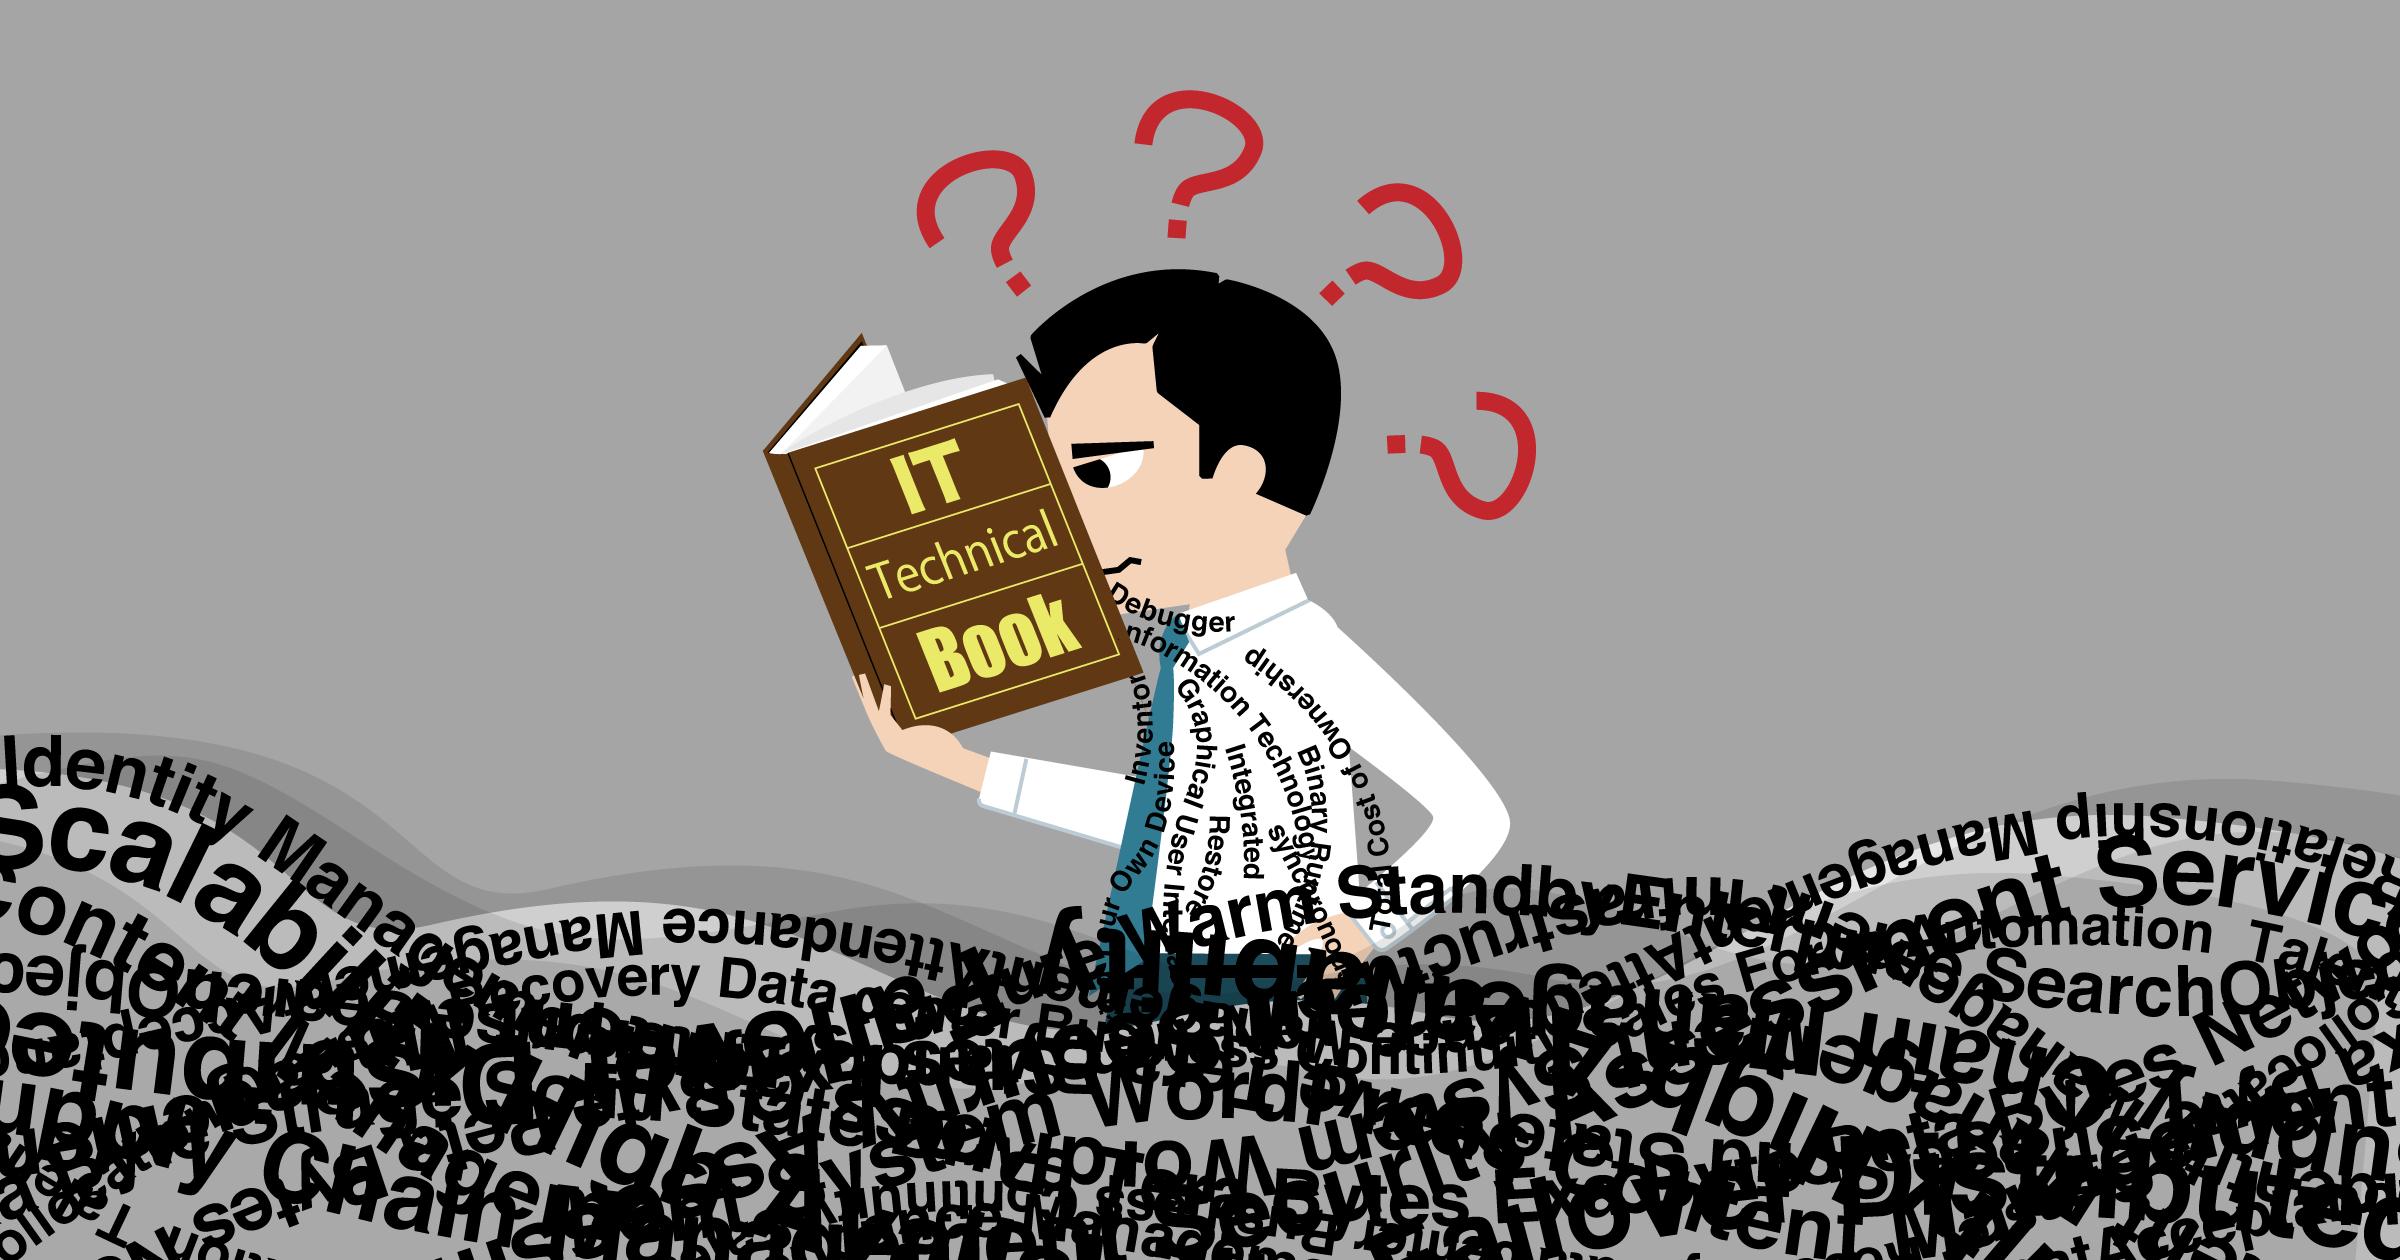 英語の技術書って読まなきゃダメなの?海外プログラマの視点から教えます